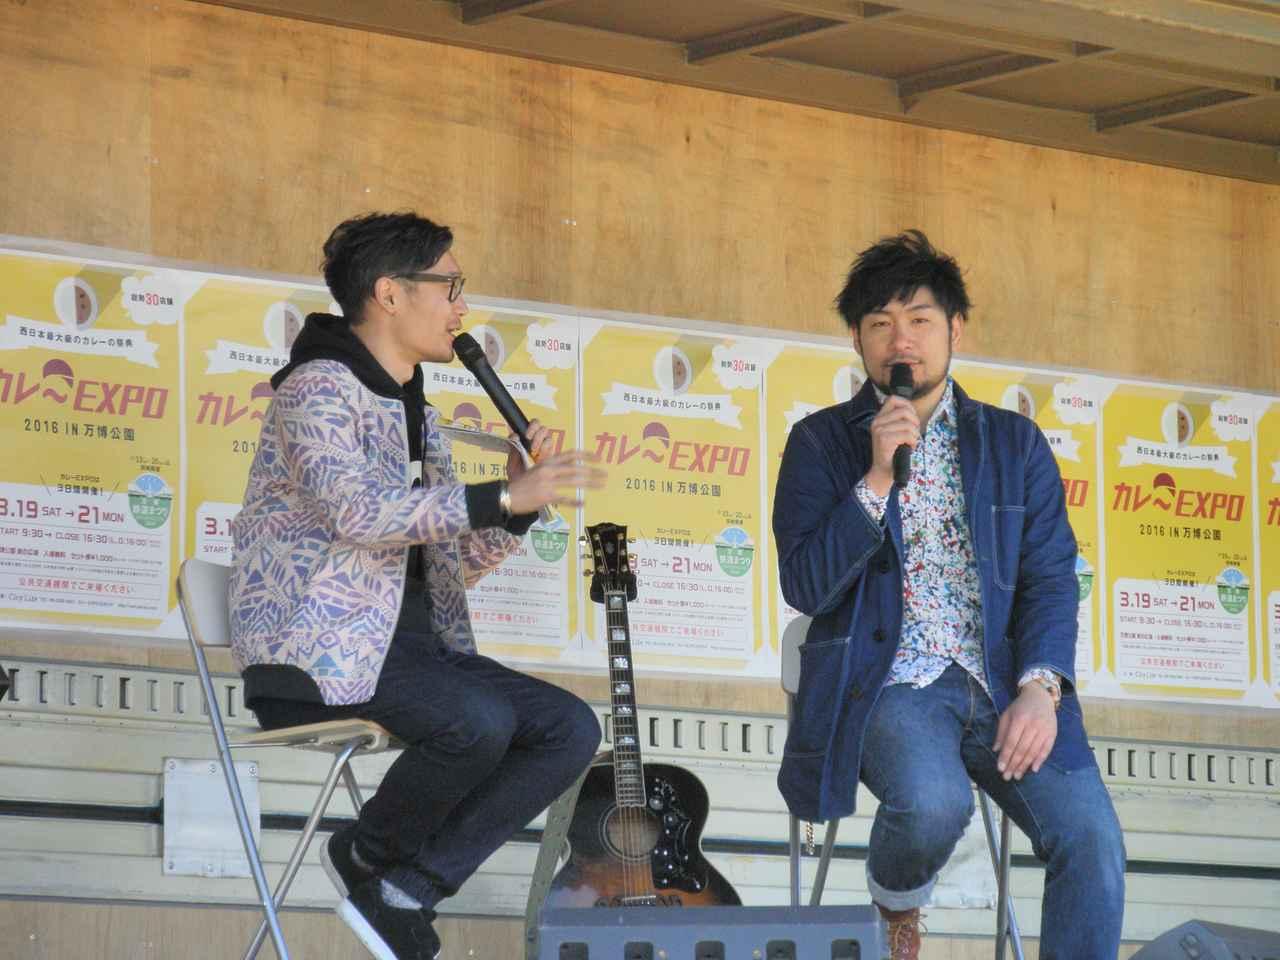 画像3: カレーEXPO 2016☆浜端ヨウヘイ公開録音